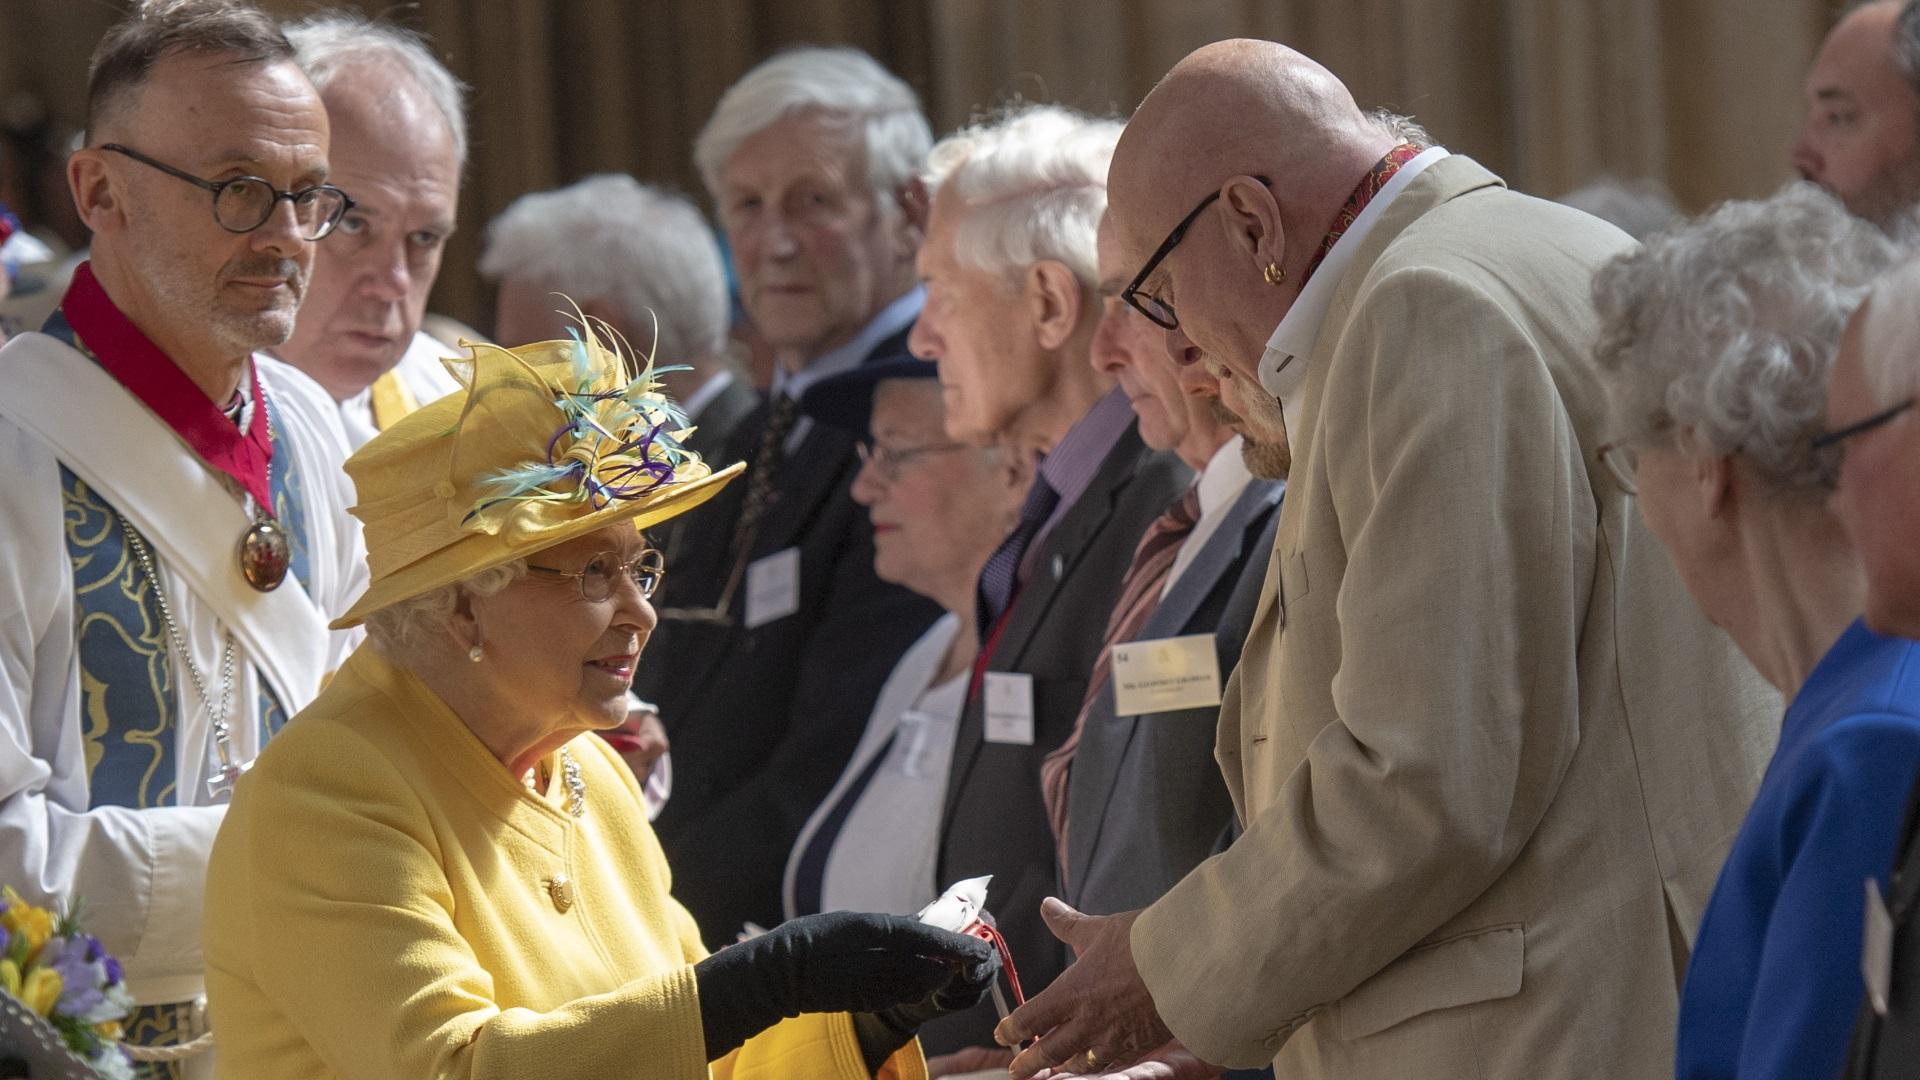 """Тази година тя пристигна в параклиса """"Сейнт Джордж"""" в Уиндзорския дворец, където се състоя сватбата на принцеса Юджини миналия октомври. Венчавката й се състоя няколко месеца след тази на принц Хари и американската му съпруга Меган Маркъл."""